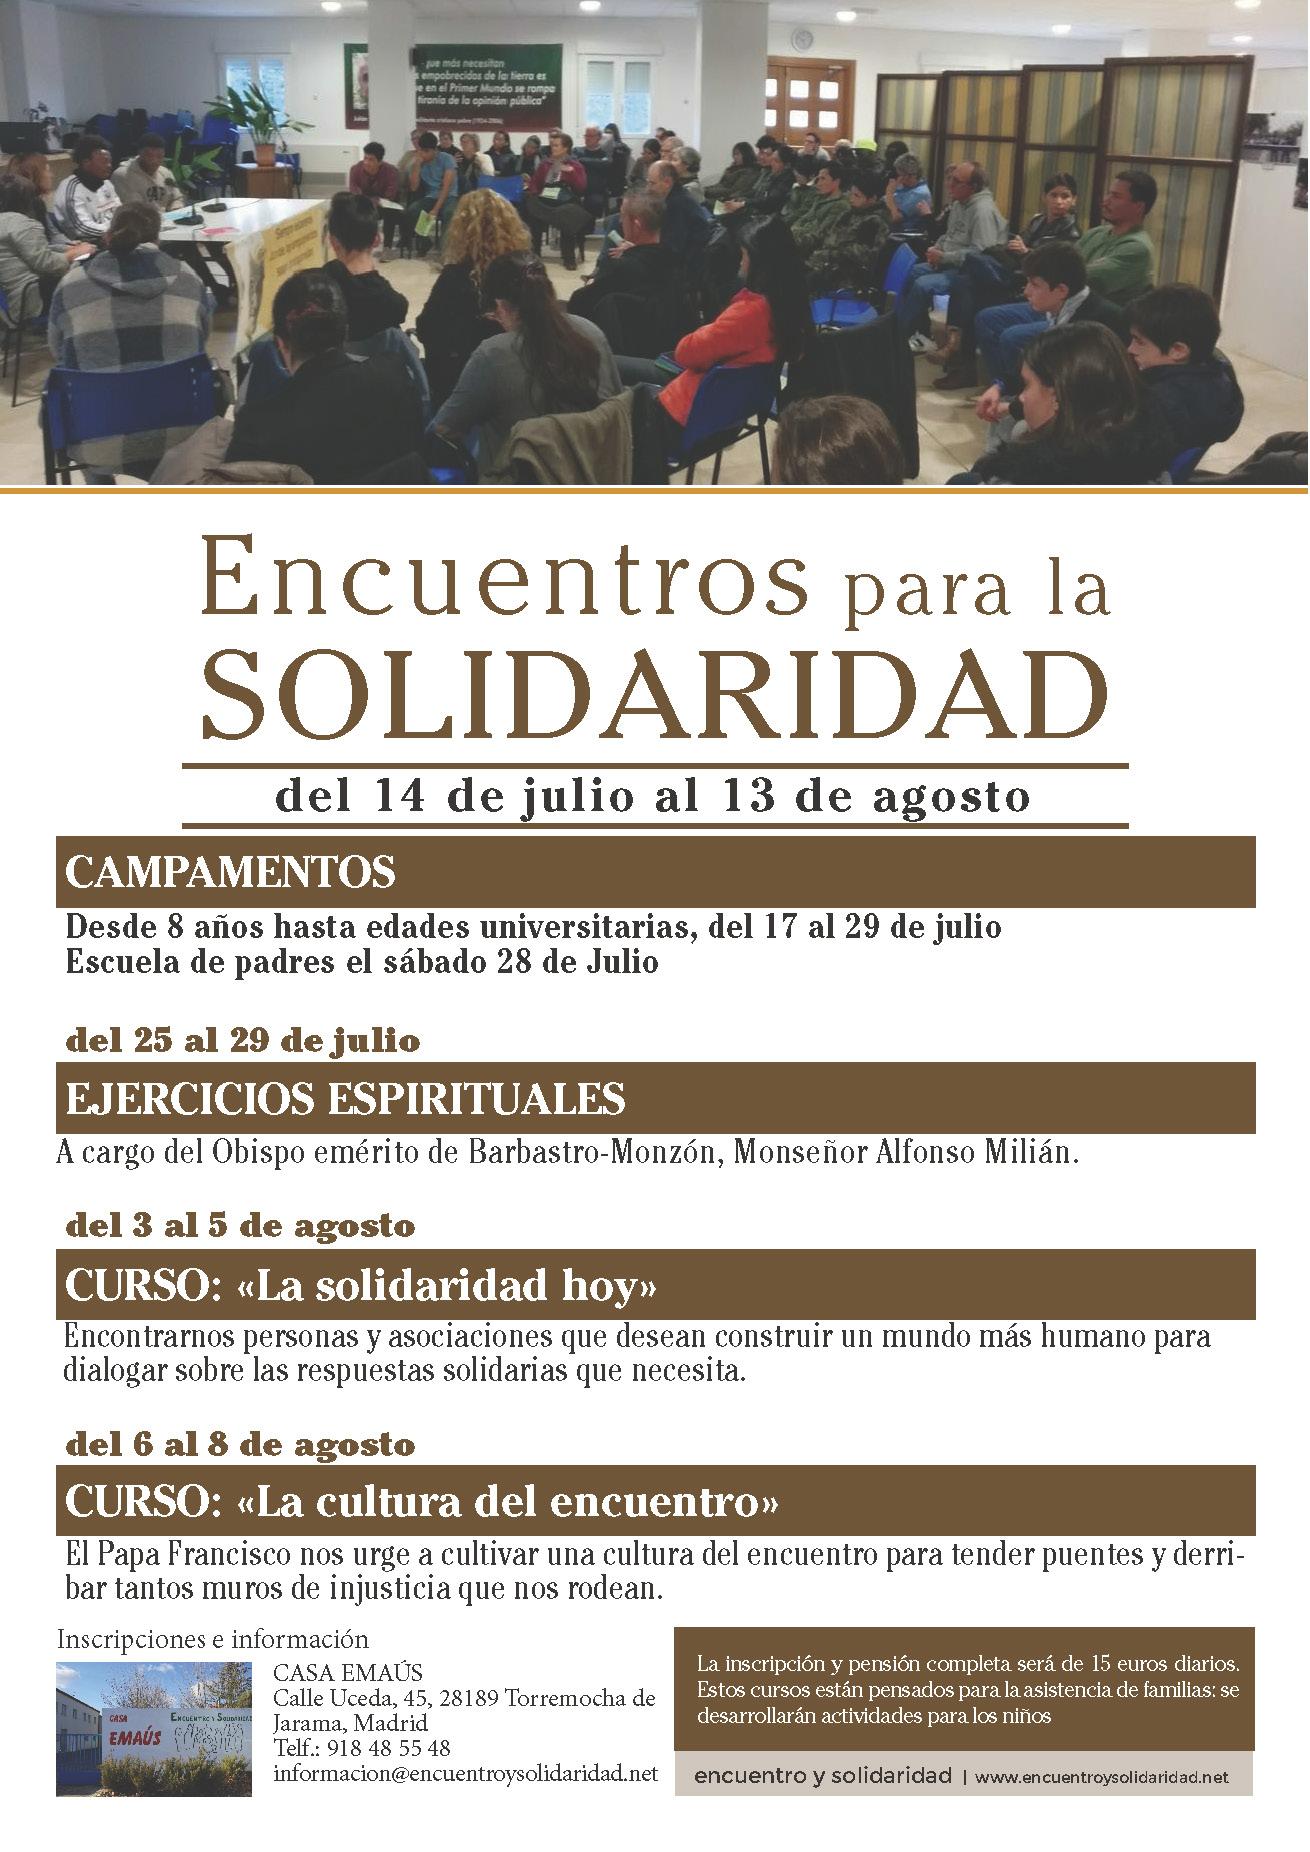 Encuentros para la solidaridad